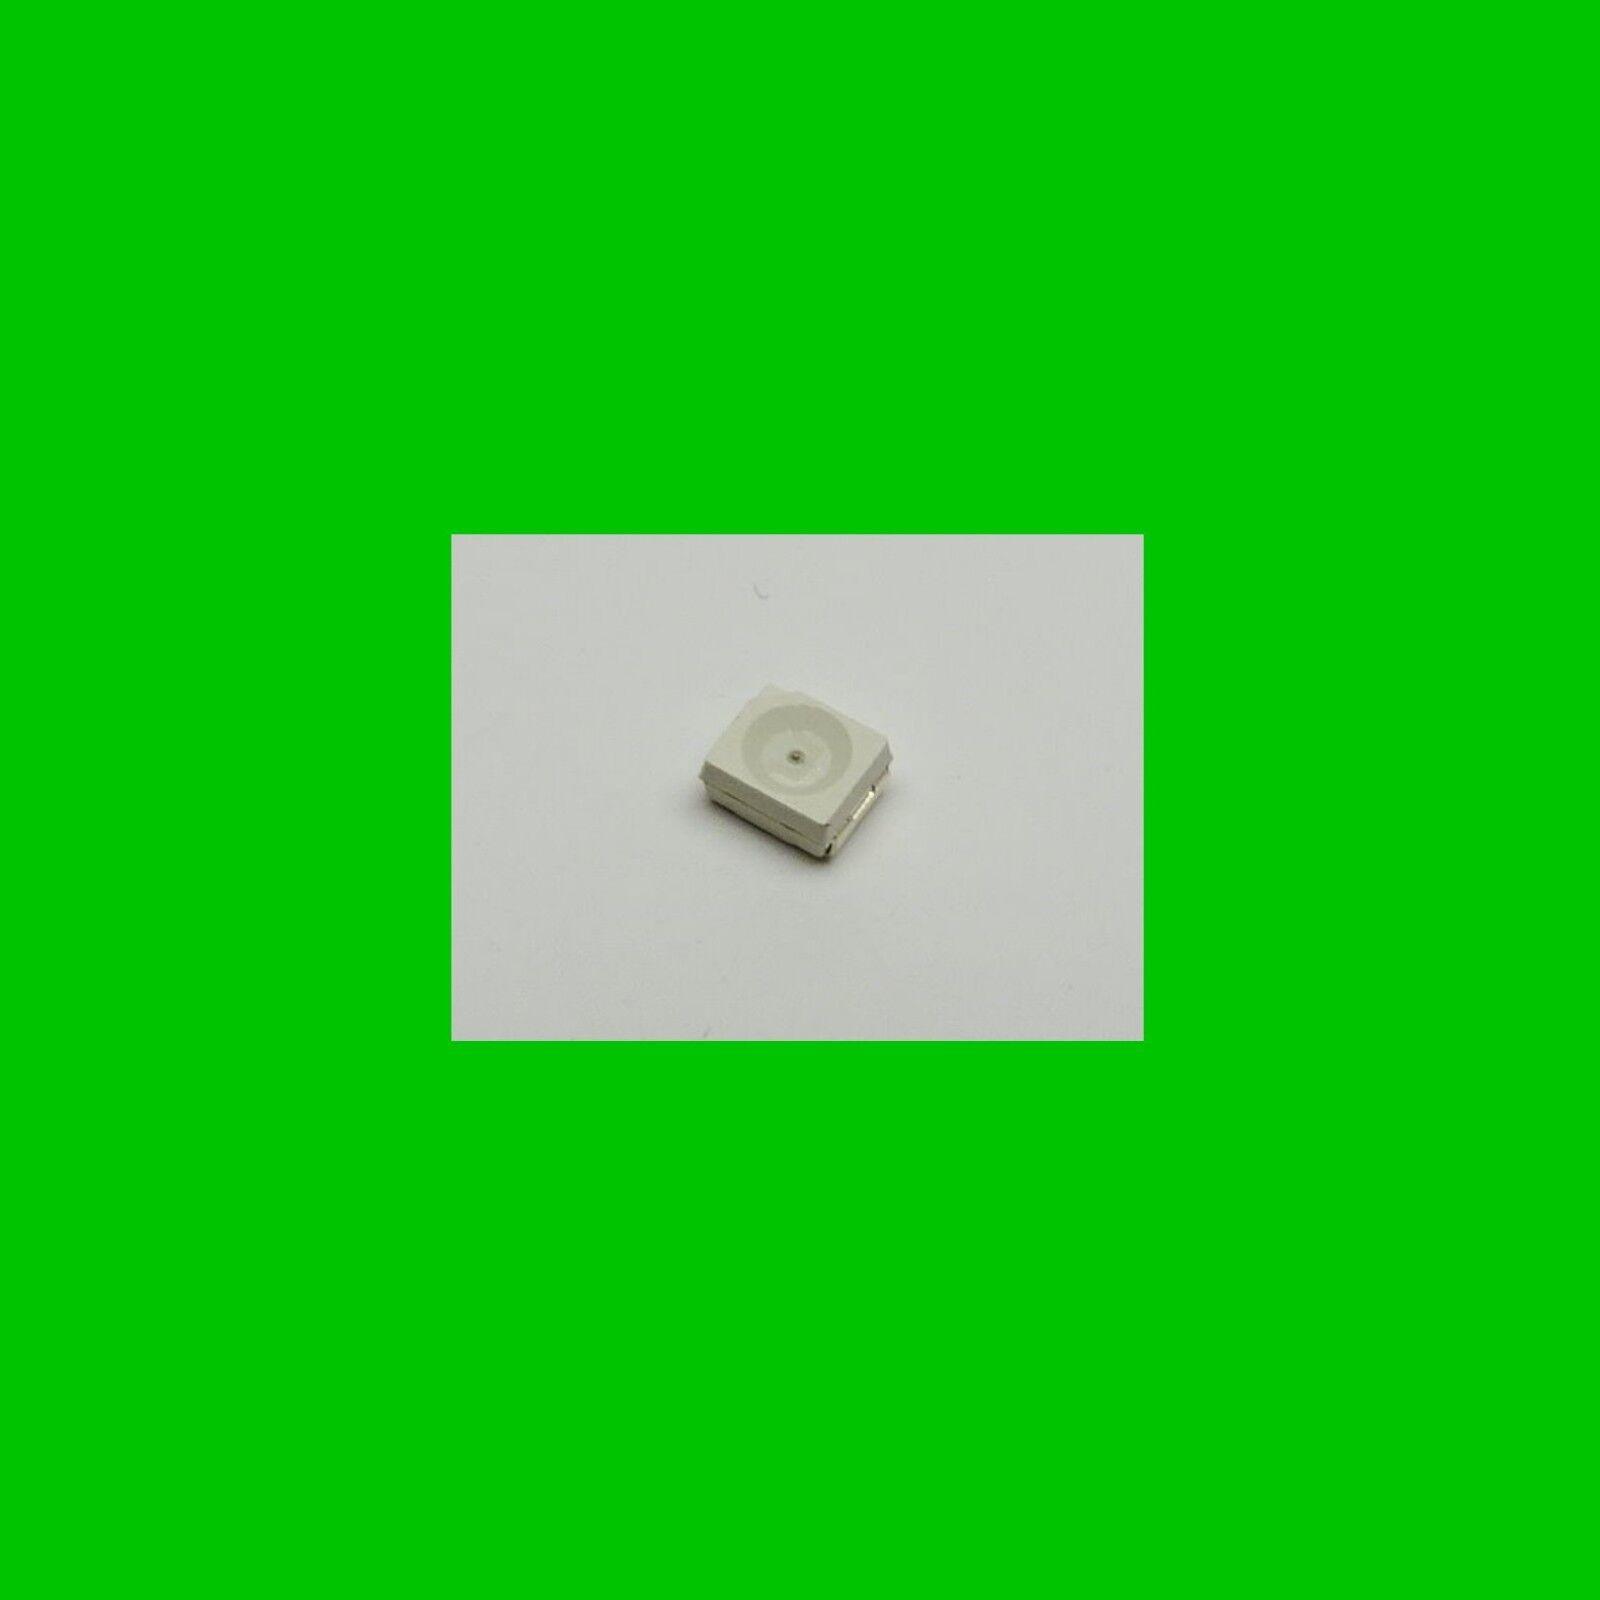 SMD LED 3528 1210 en 10 diferentes diferentes diferentes colores 1 10 25 50 100 trozo para selección 6b3715